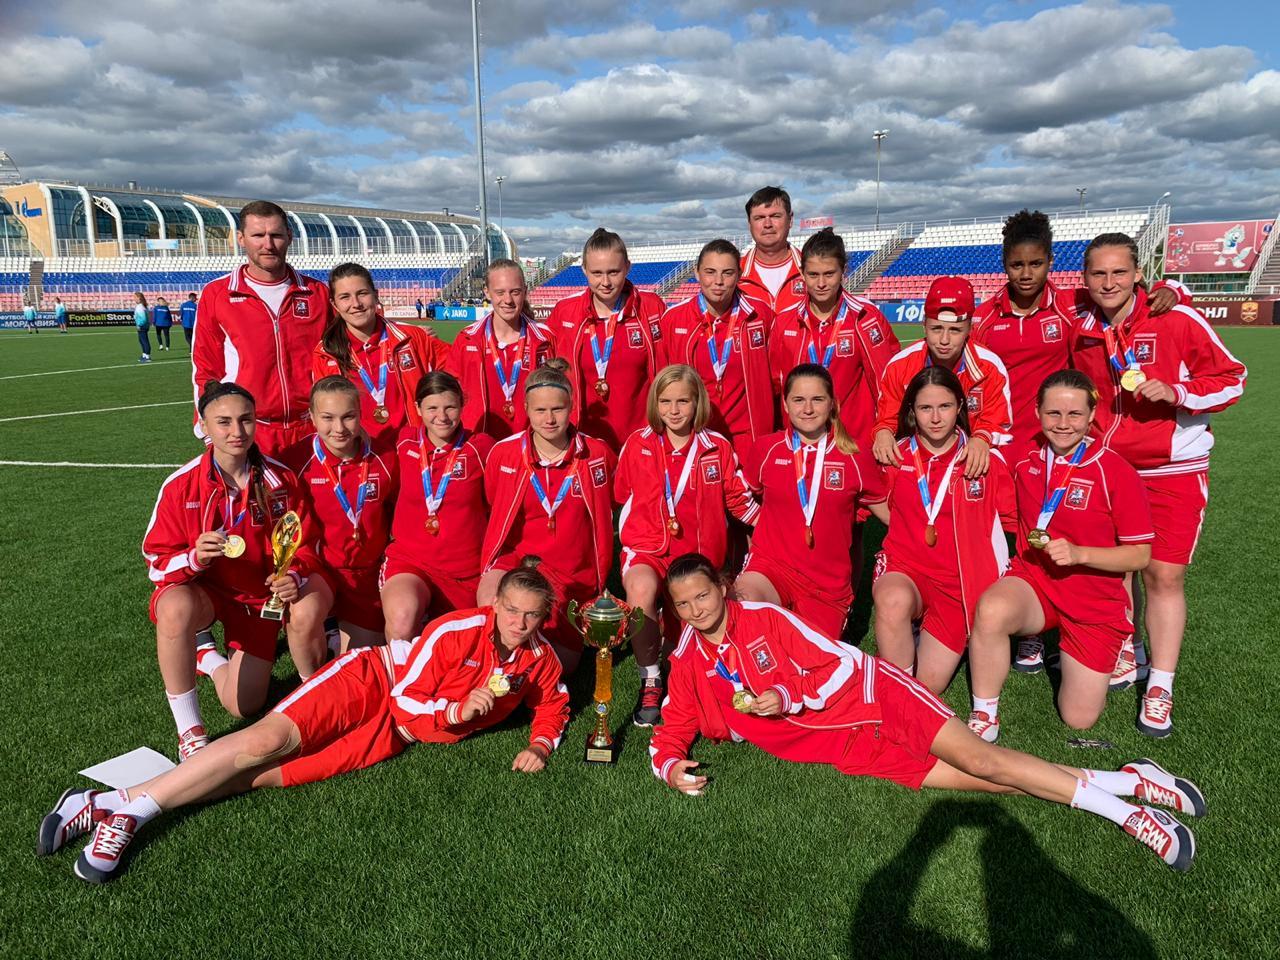 Женская сборная Москвы по футболу выиграла спартакиаду молодежи